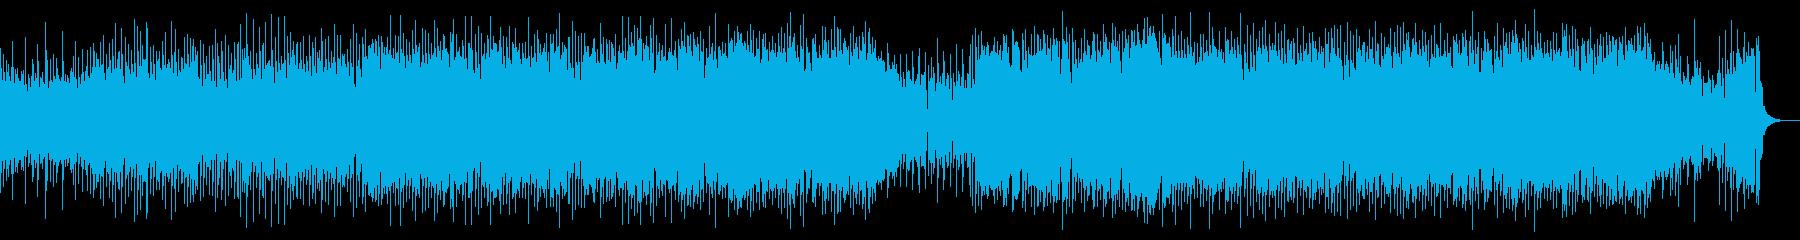 ロック調の牧歌的なカントリー曲の再生済みの波形